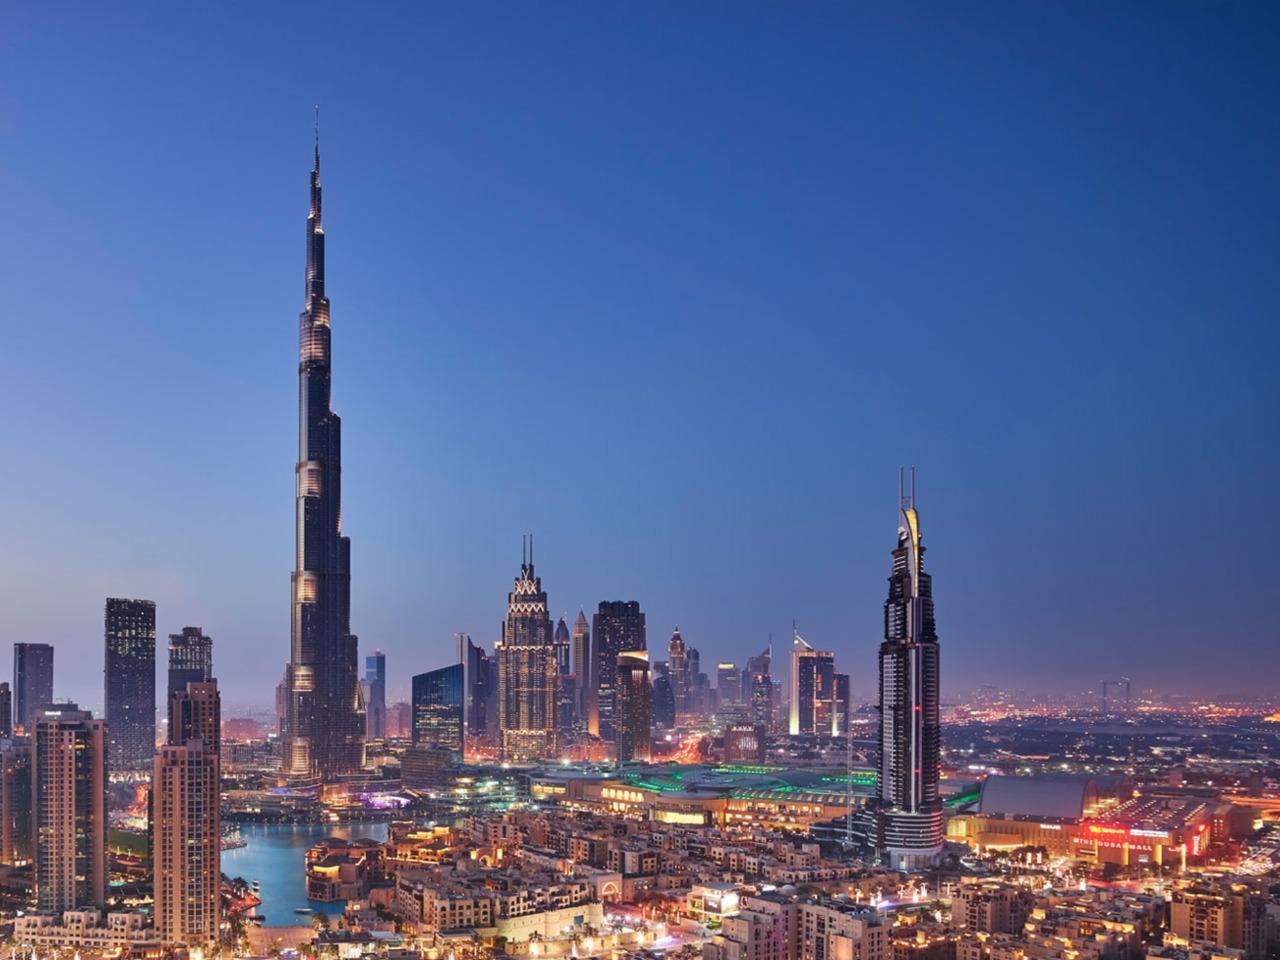 Подъем на самое высокое здание в мире—Burj Khalifa - групповая экскурсия в Дубае от опытного гида